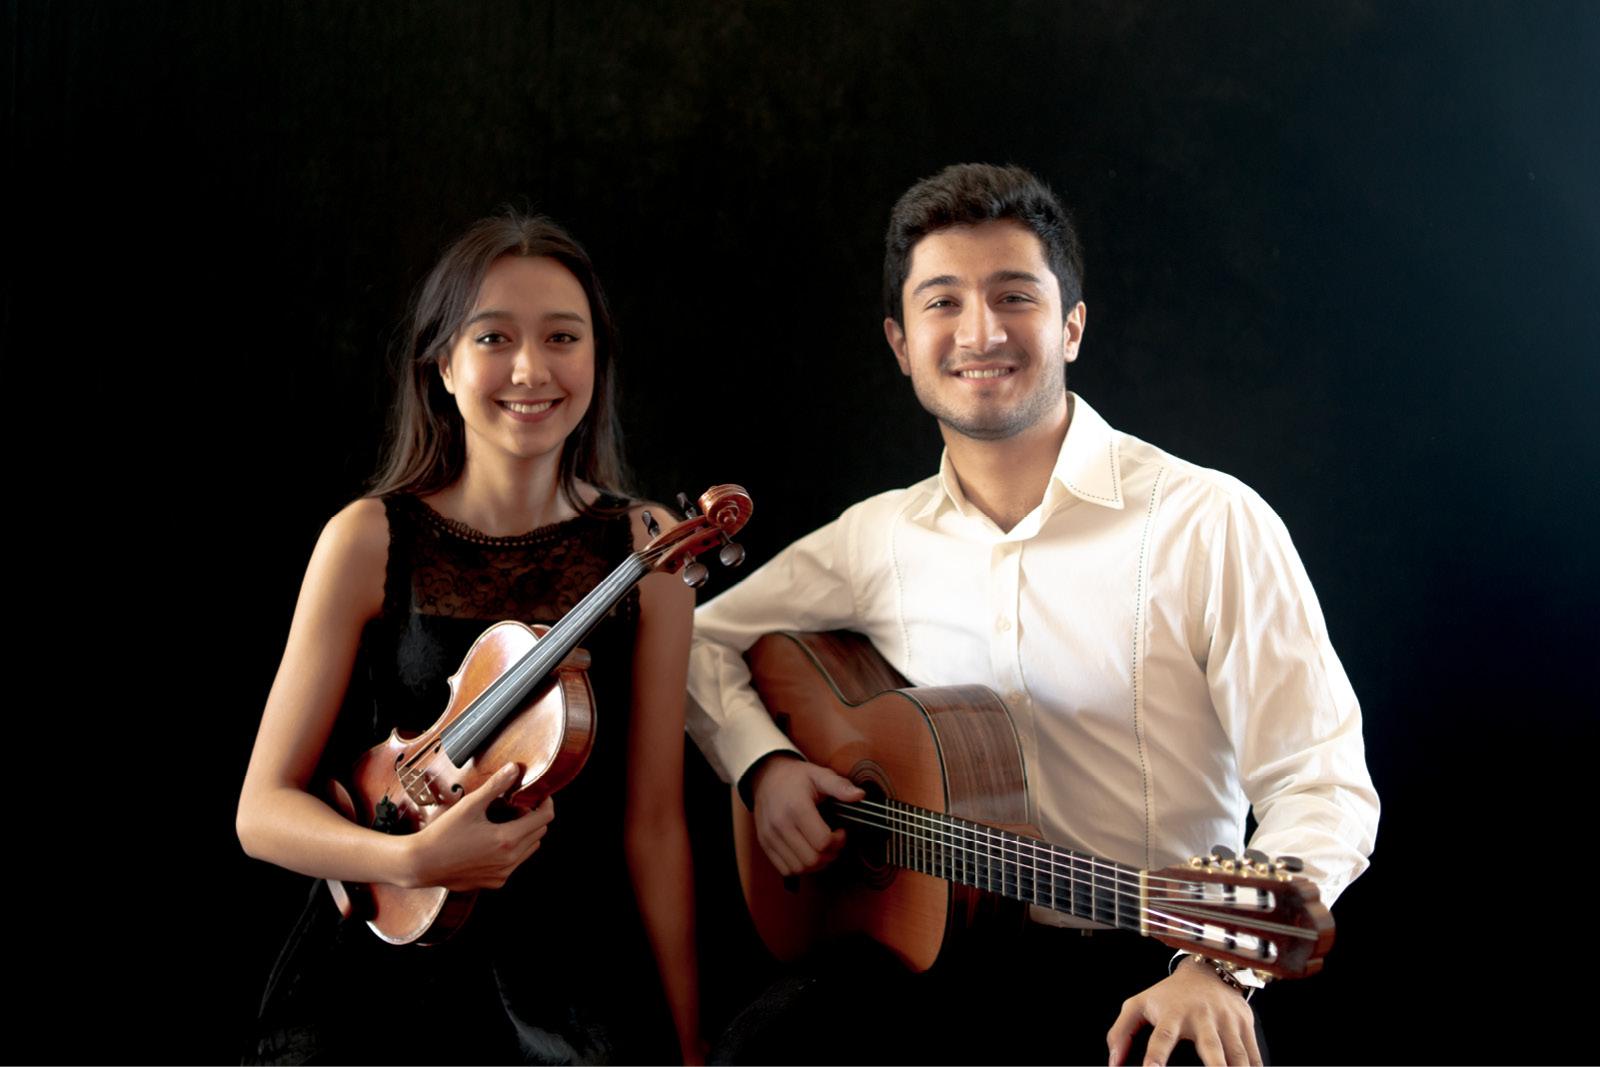 Anna Da Silva Chen and Sako Dermenjian